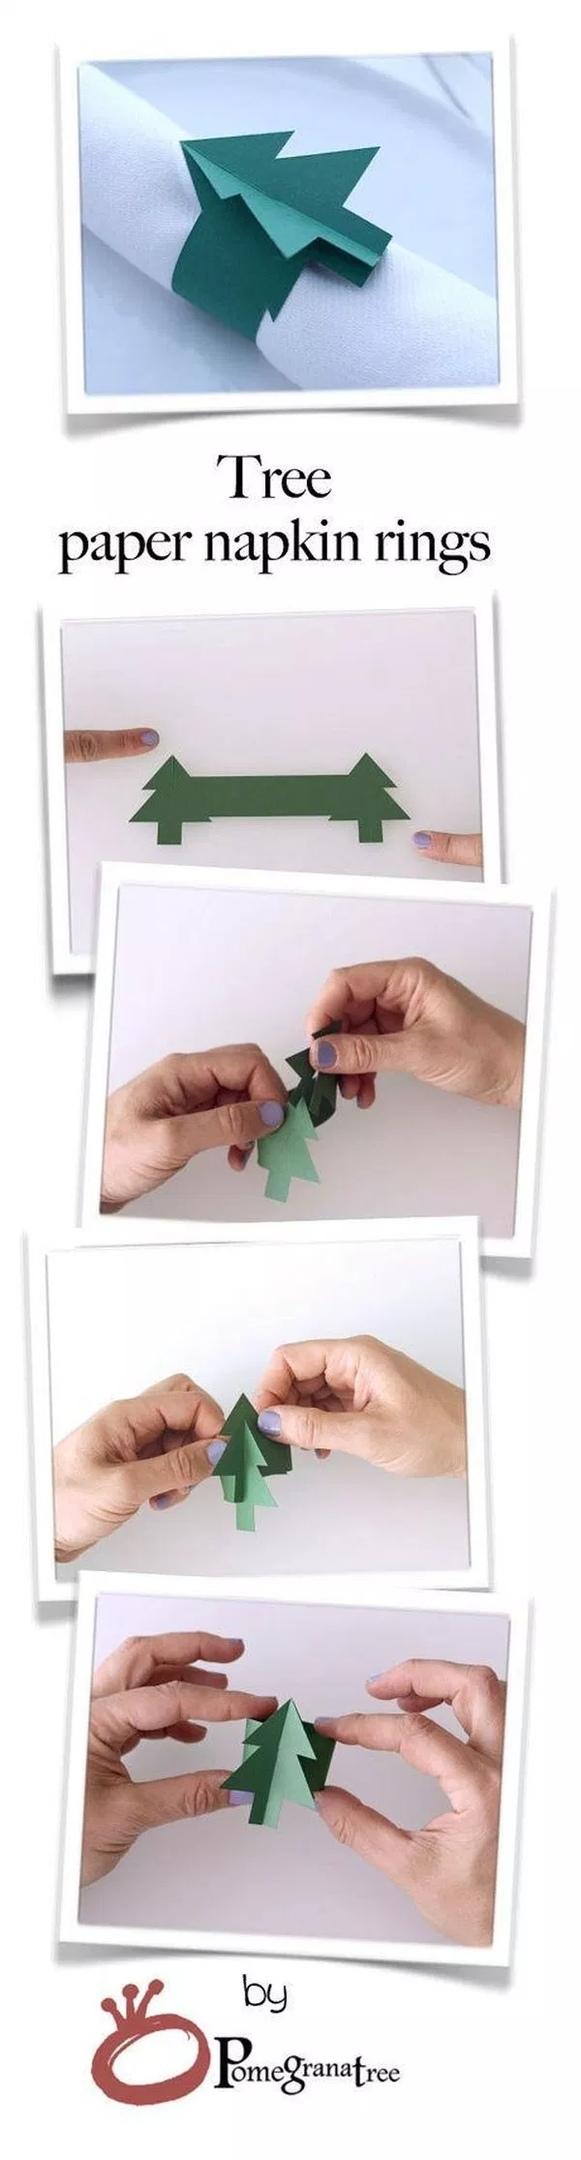 Как украсить Новогодний стол: 20 простых идей, изображение №3